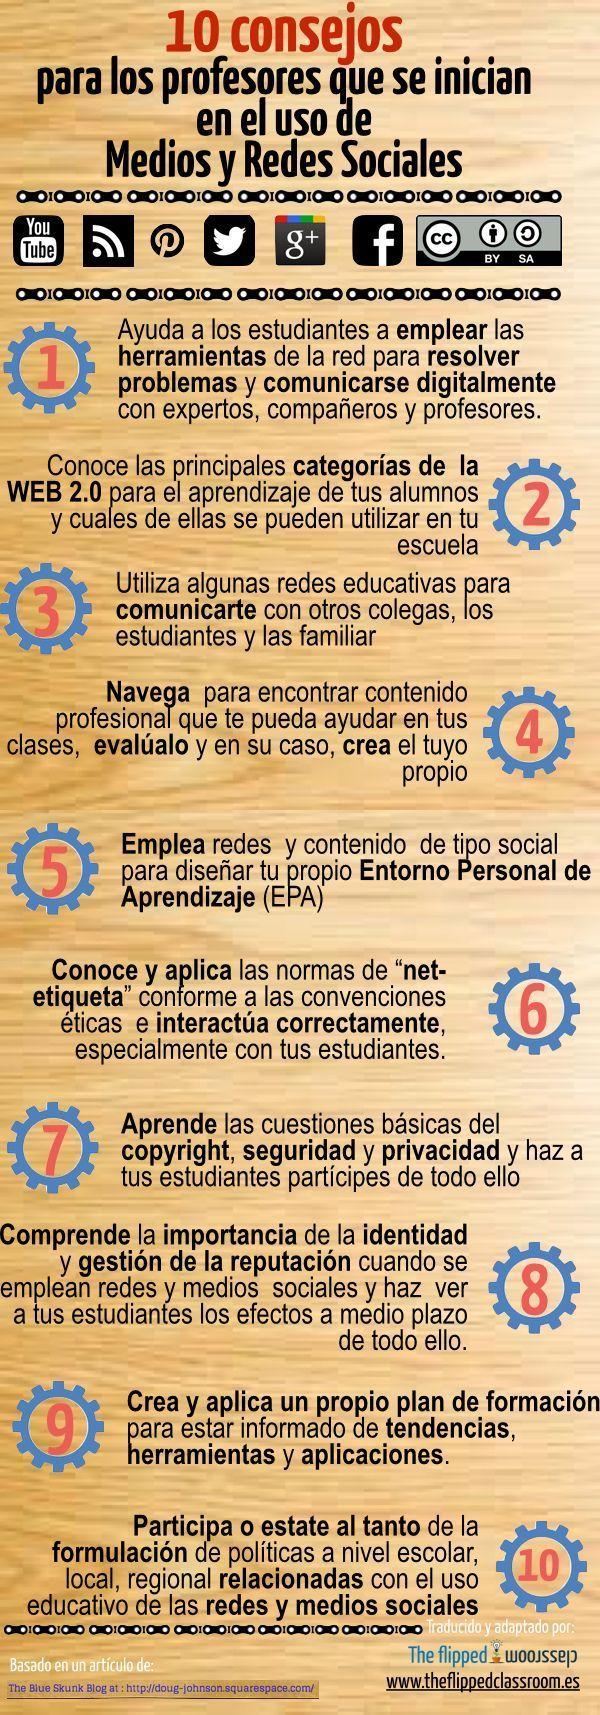 Infografia - 10 Consejos para Docentes sobre el Uso de las Redes Sociales | Infografía